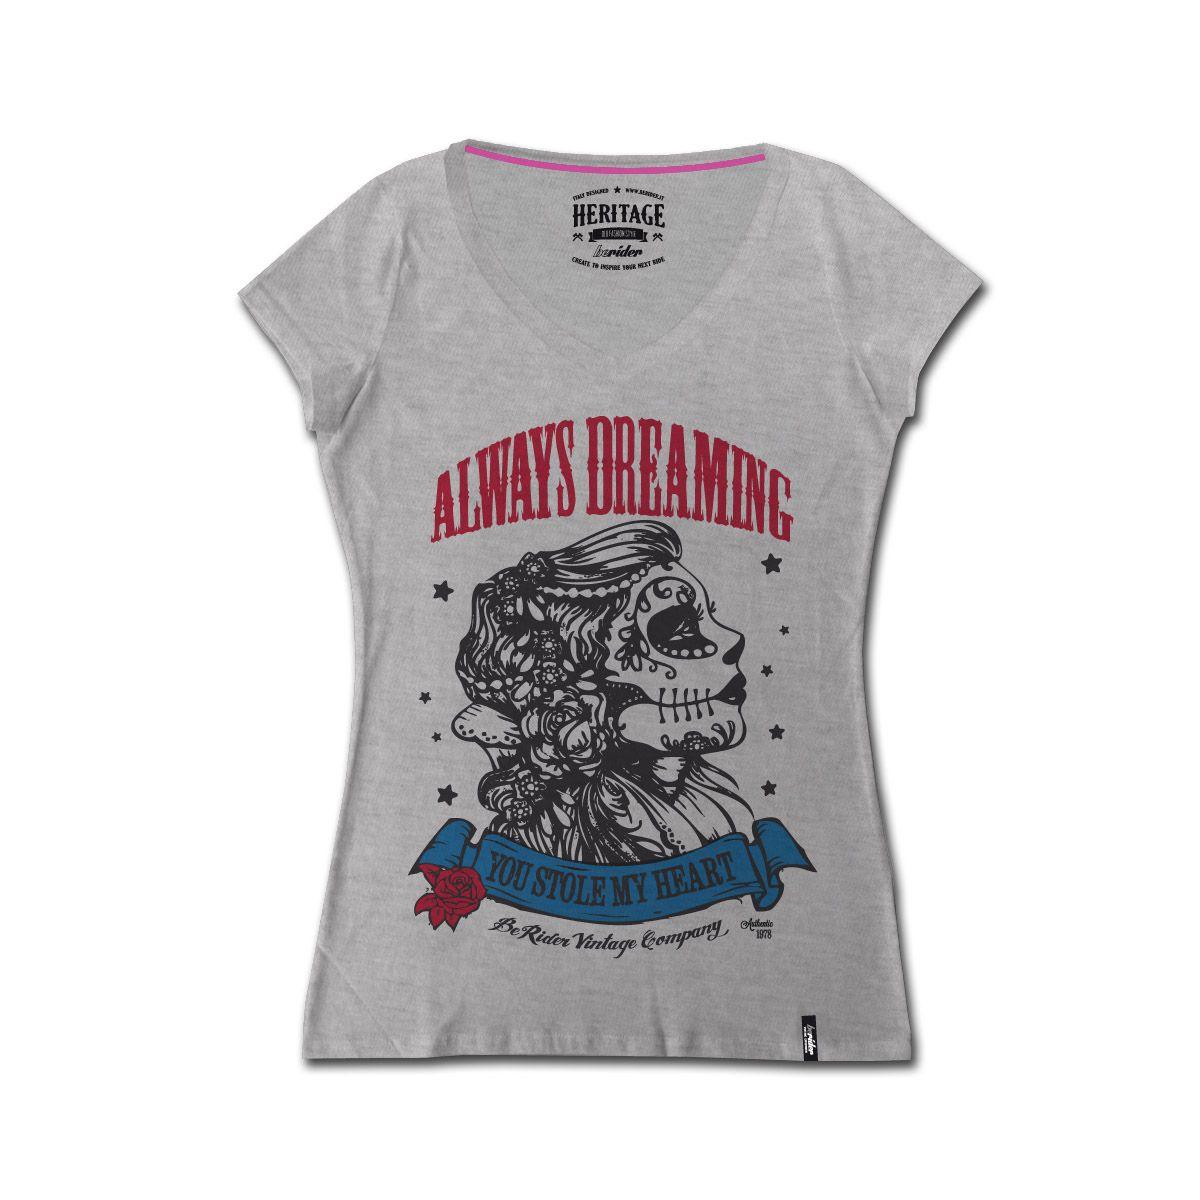 Emblema della lady biker, la tshirt si presta per qualsiasi look, sportivo e elegante. La stampa vintage inoltre imprime carattere e stile unico.